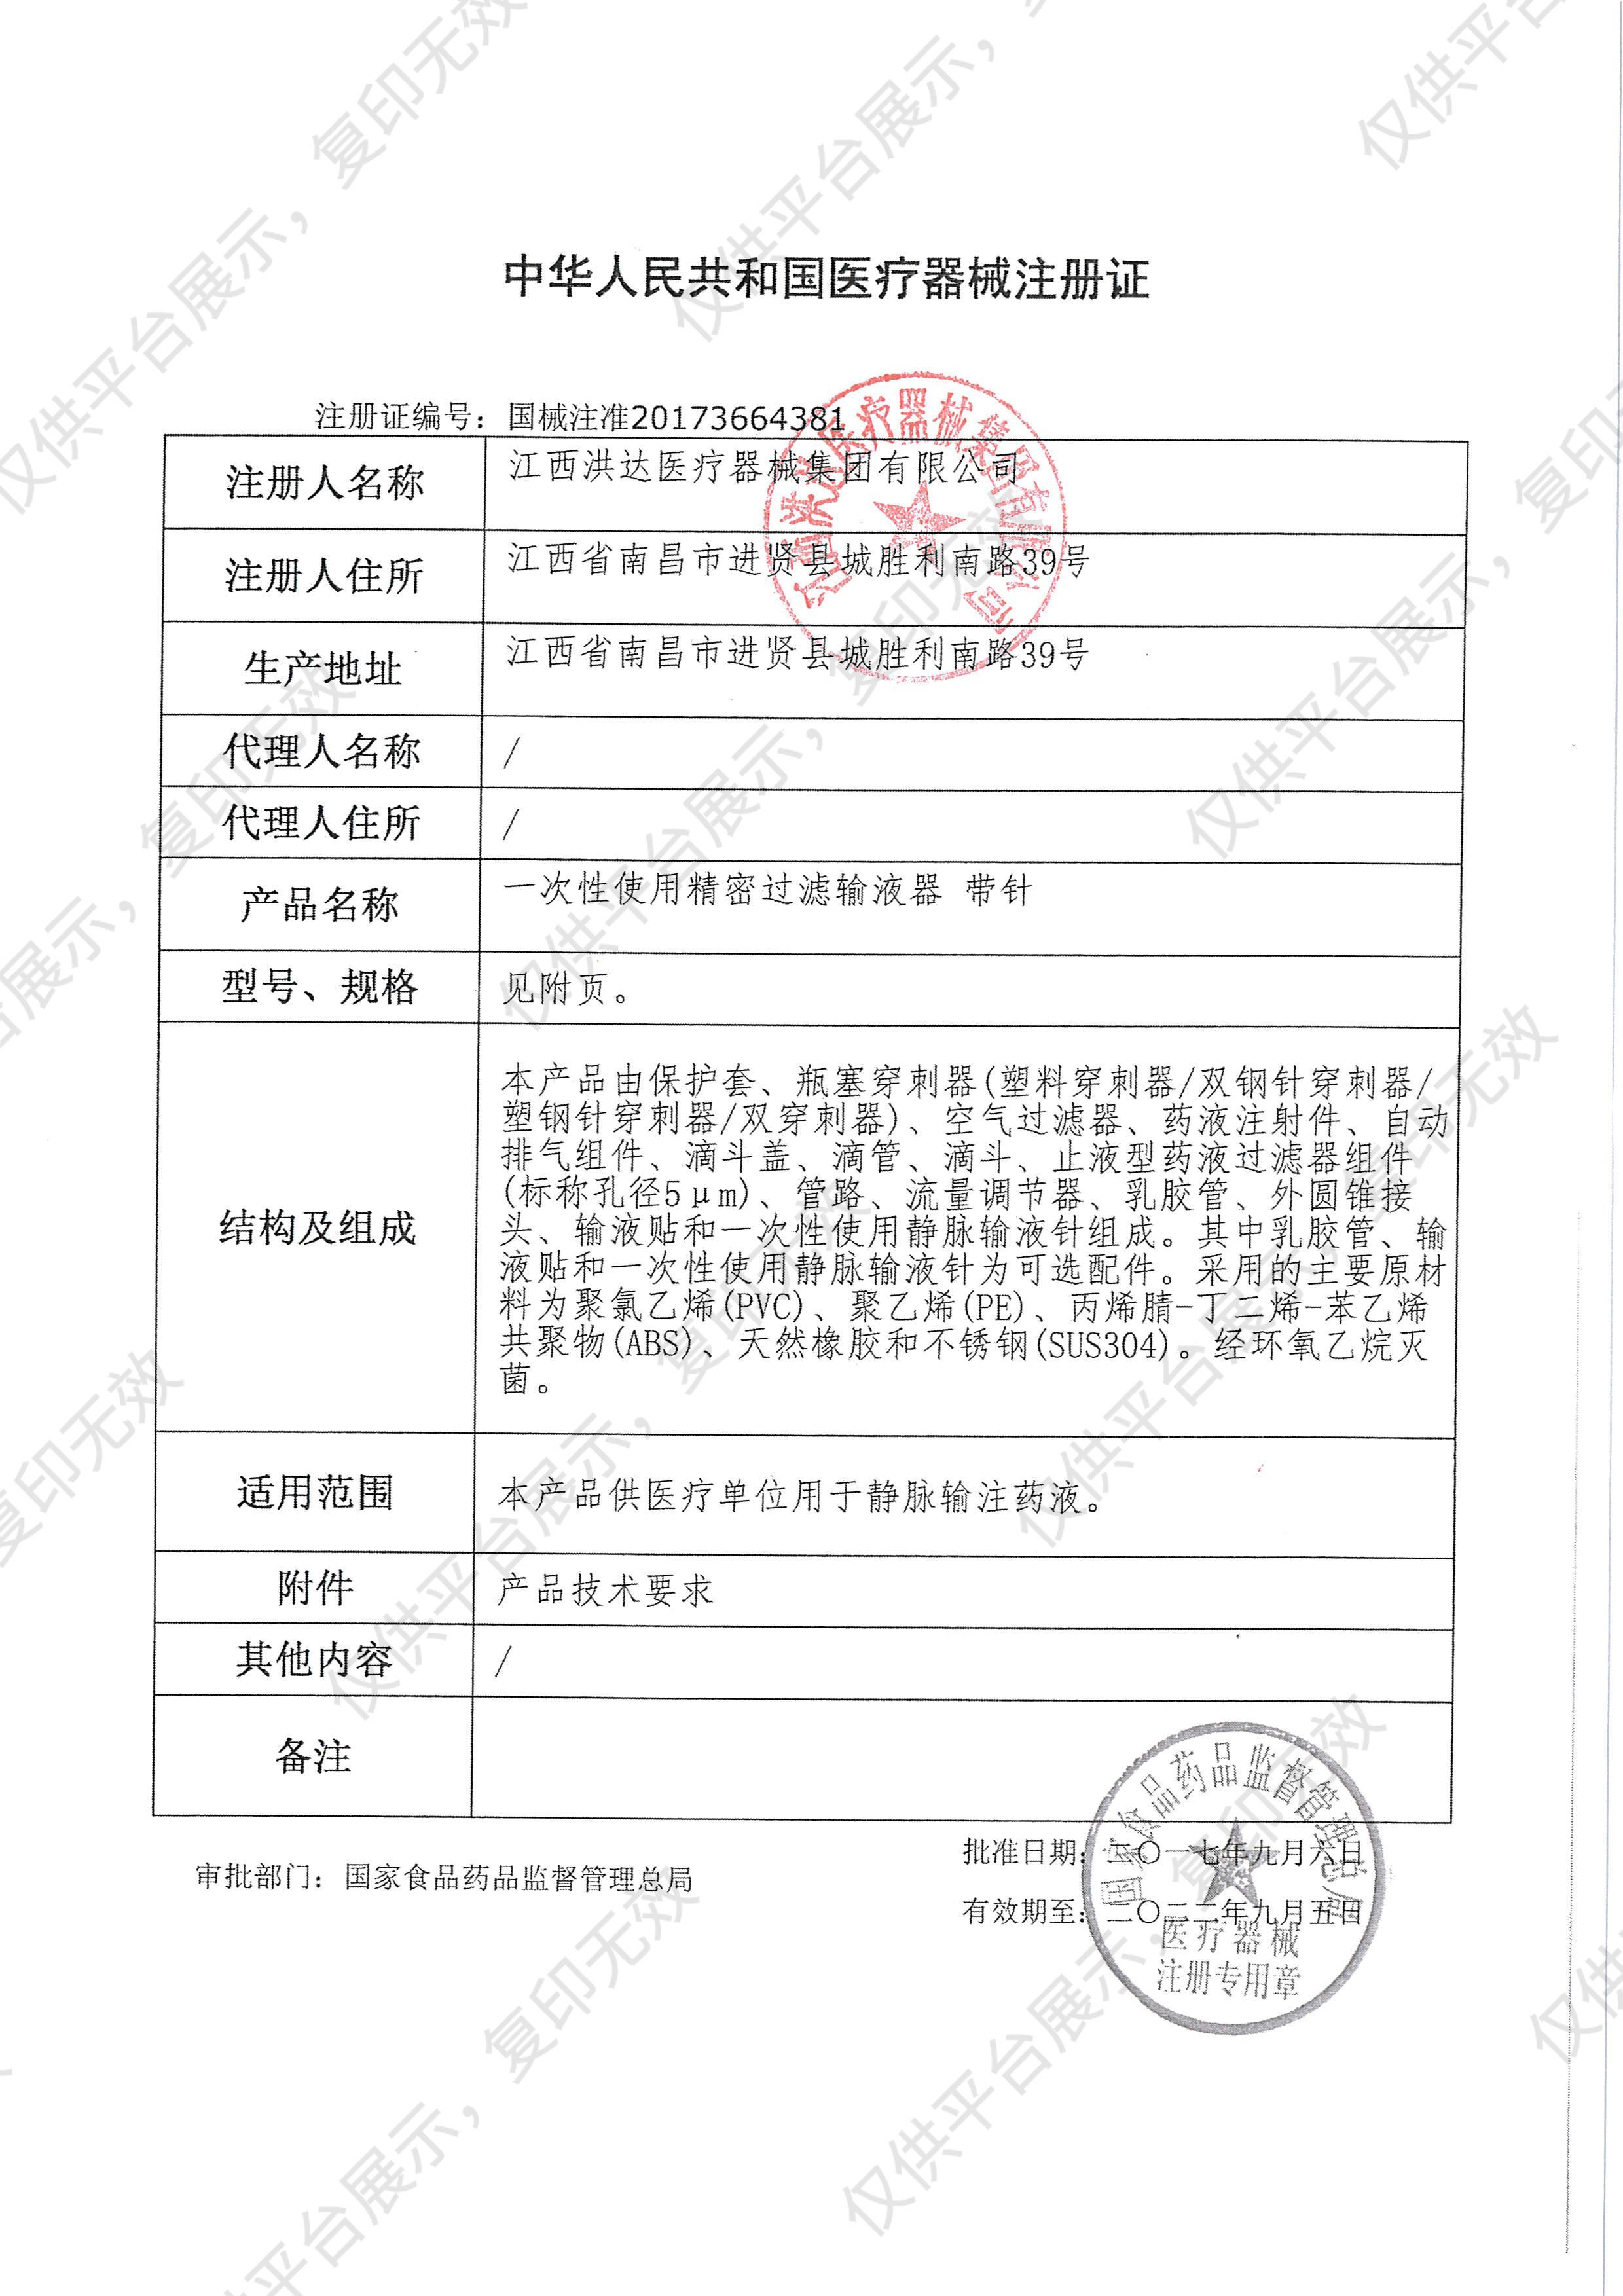 洪达 一次性使用精密过滤输液器ZJ-6 塑钢针 0.7mm (400支/箱)注册证